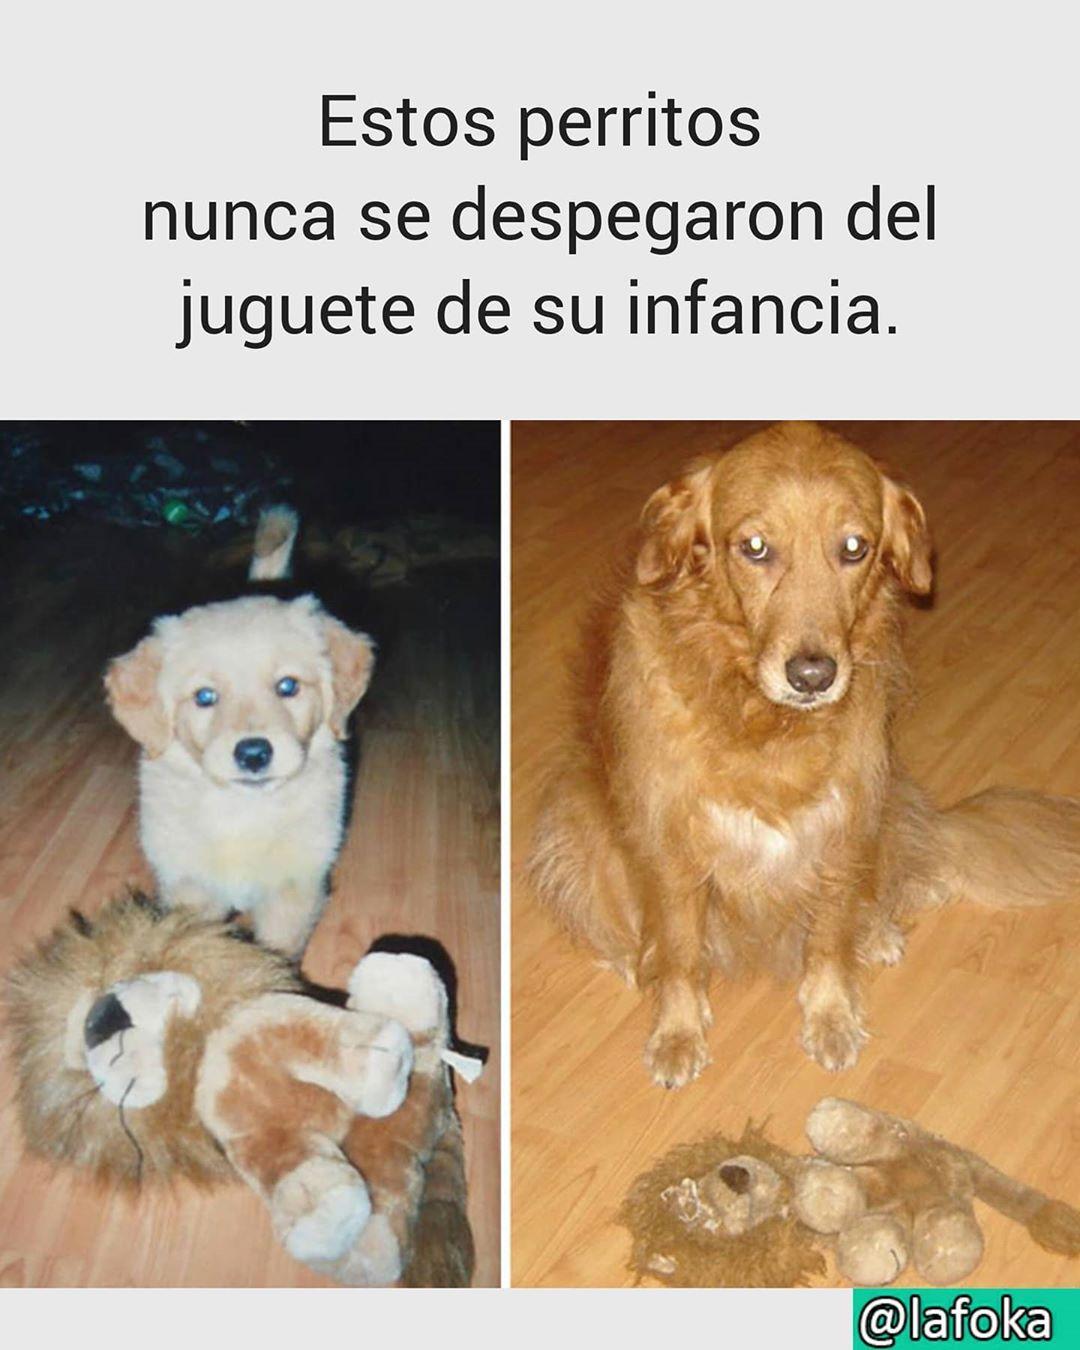 Estos perritos nunca se despegaron del juguete de su infancia.